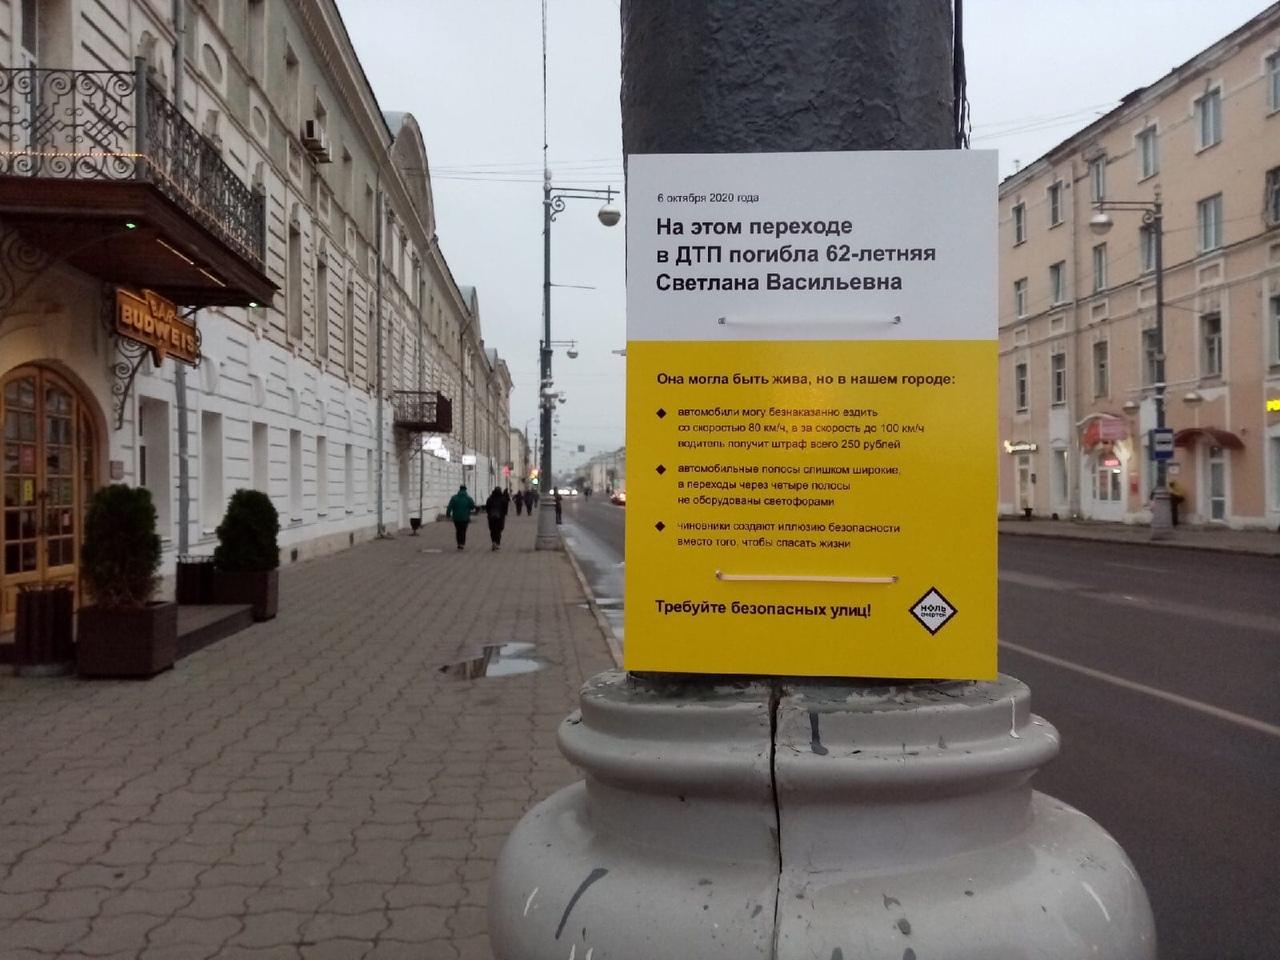 На дорогах Твери появились таблички с именами погибших пешеходов